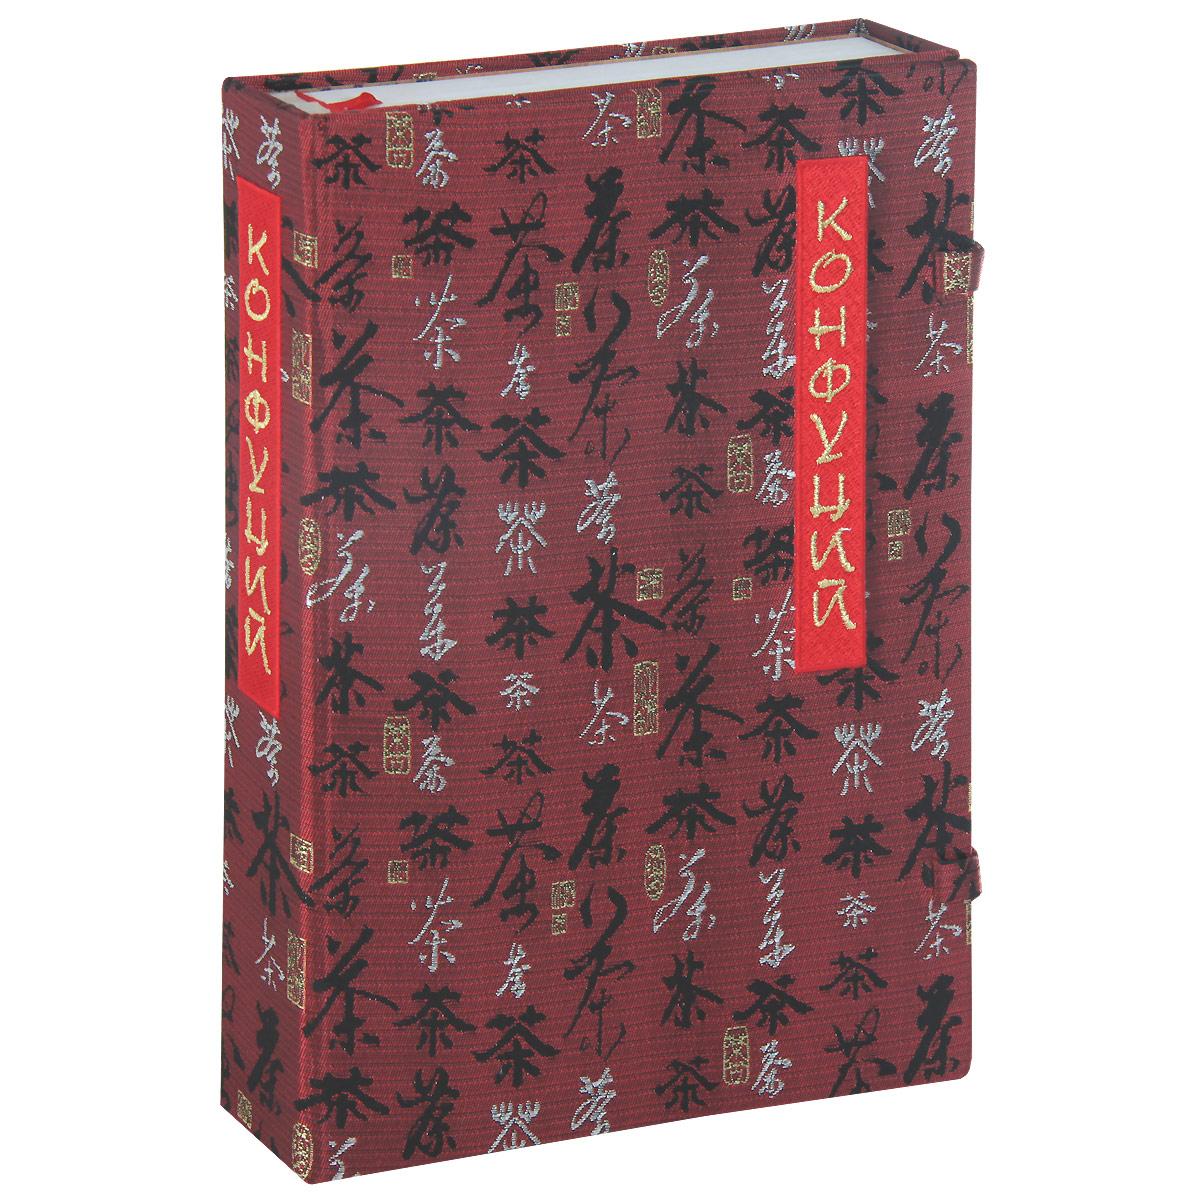 Конфуций Конфуций. Беседы и суждения (эксклюзивное подарочное издание) алексей именная книга эксклюзивное подарочное издание